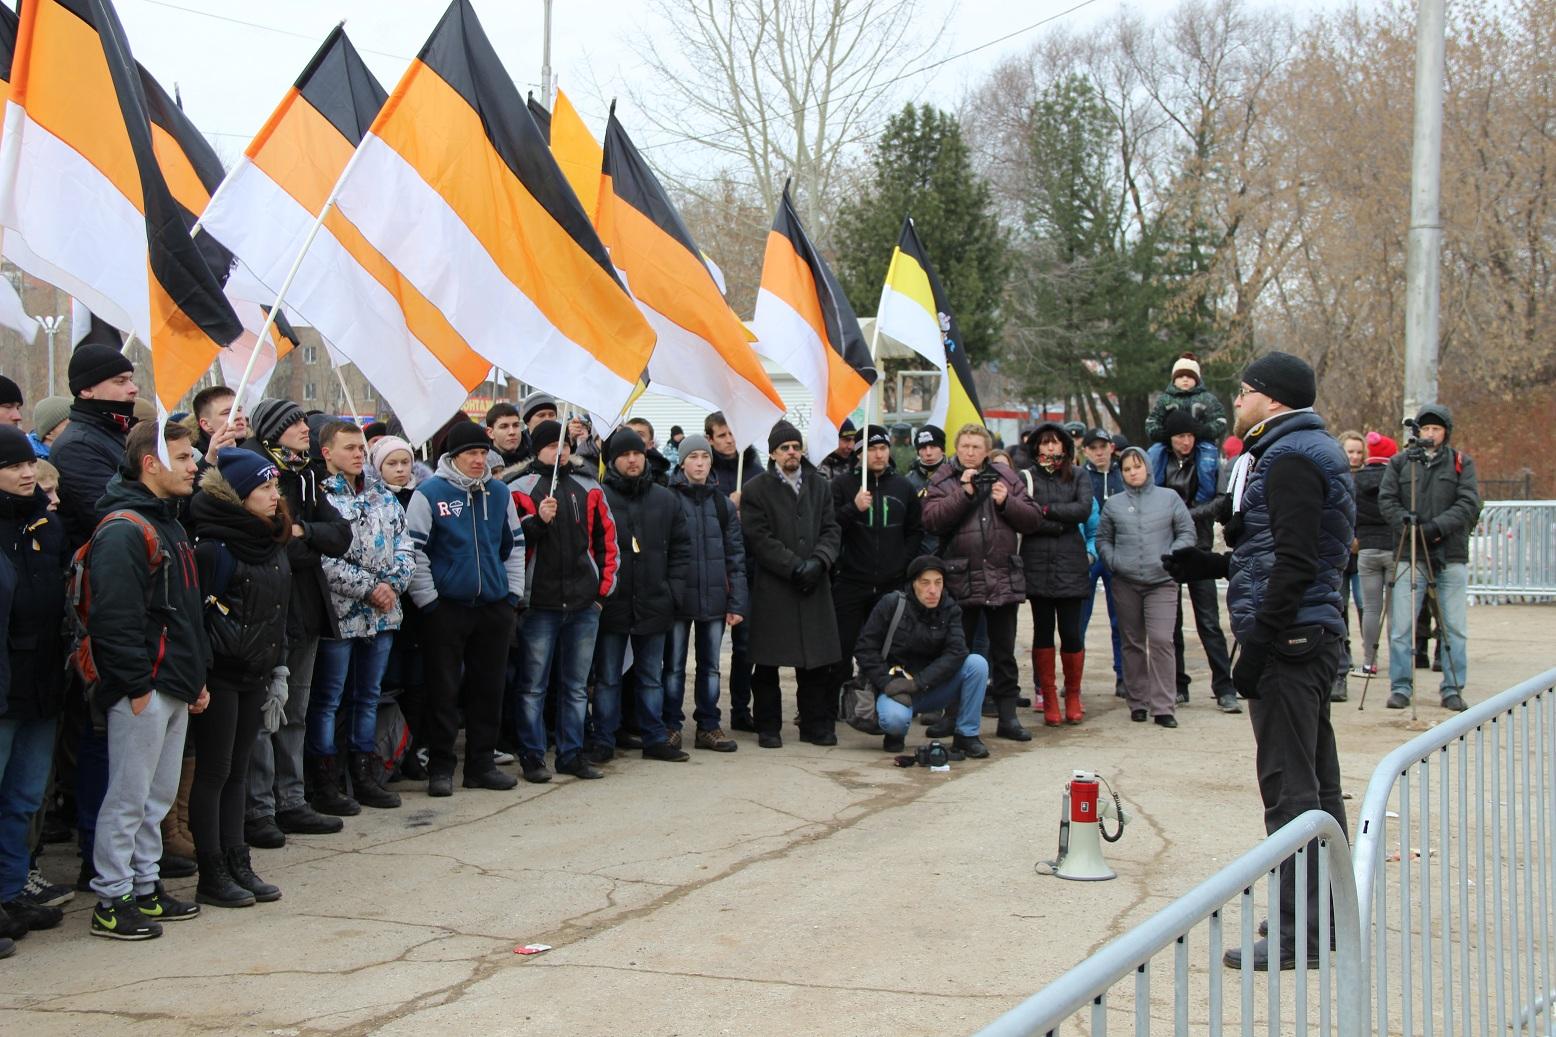 http://ic.pics.livejournal.com/ruskom/19557183/47407/47407_original.jpg